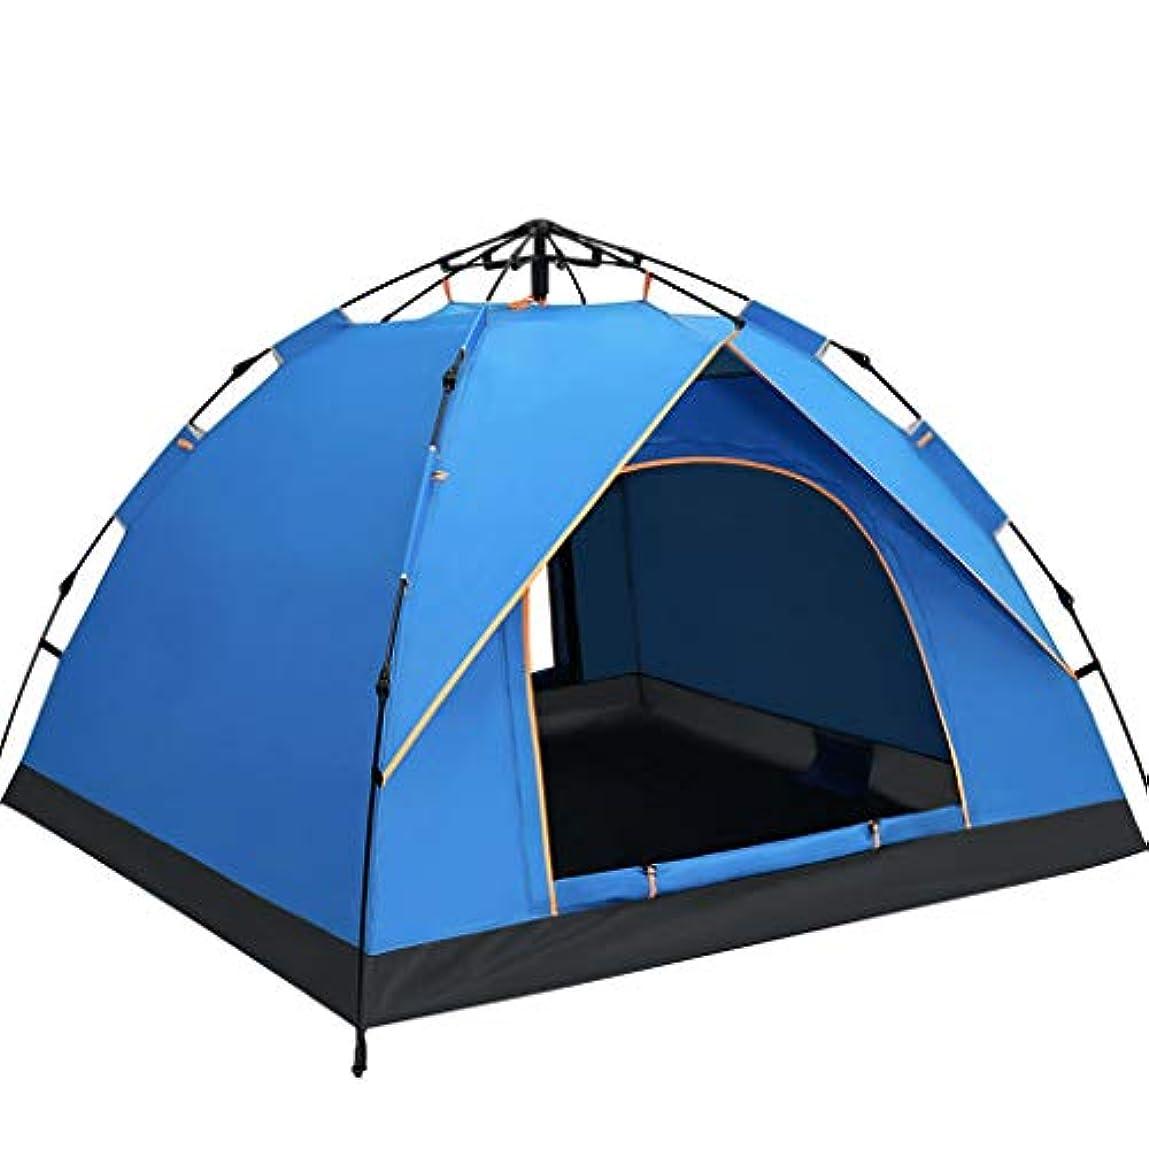 天が欲しいデータキャンプテント4人ポップアップ、簡単防水軽量インスタント自動テント、ビーチファミリー屋外ガーデン釣りピクニック耐久性通気性ブルー